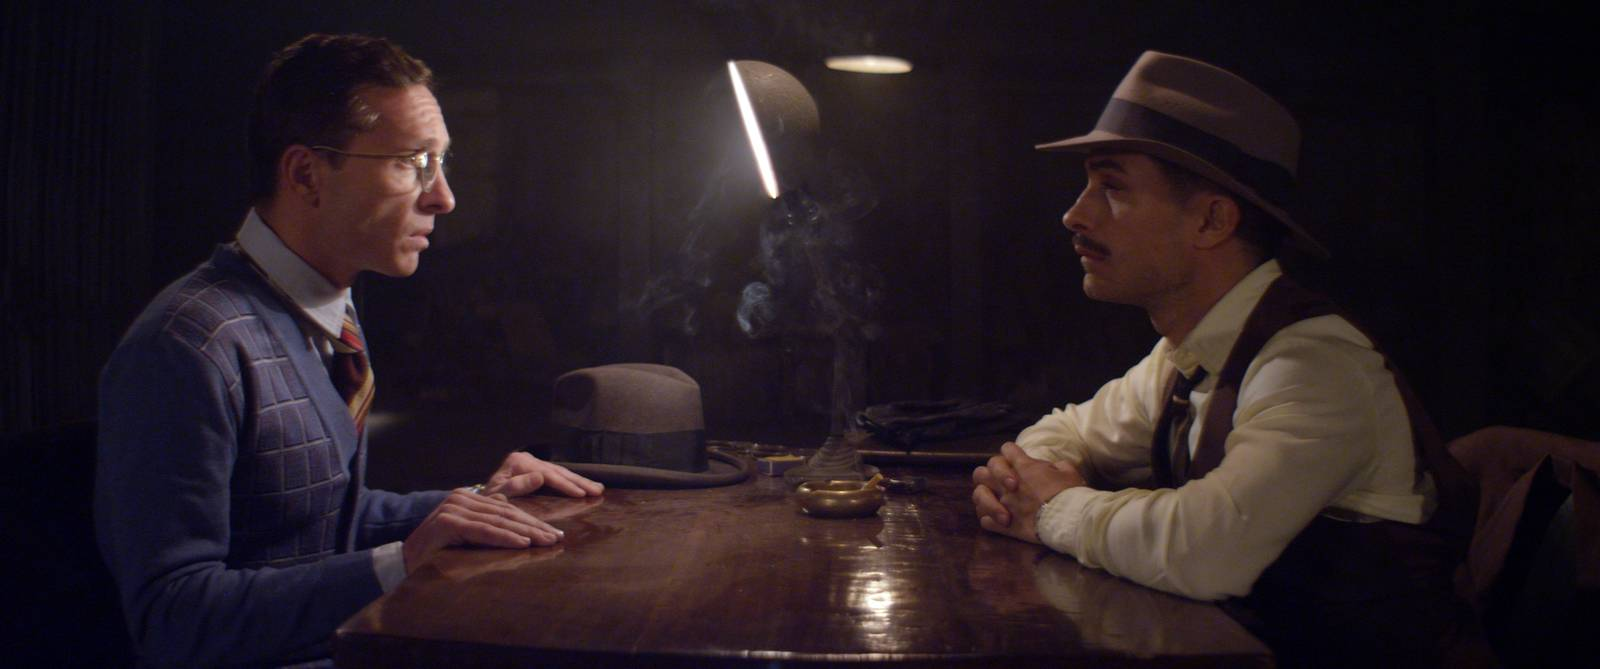 Film Neruda (2016)